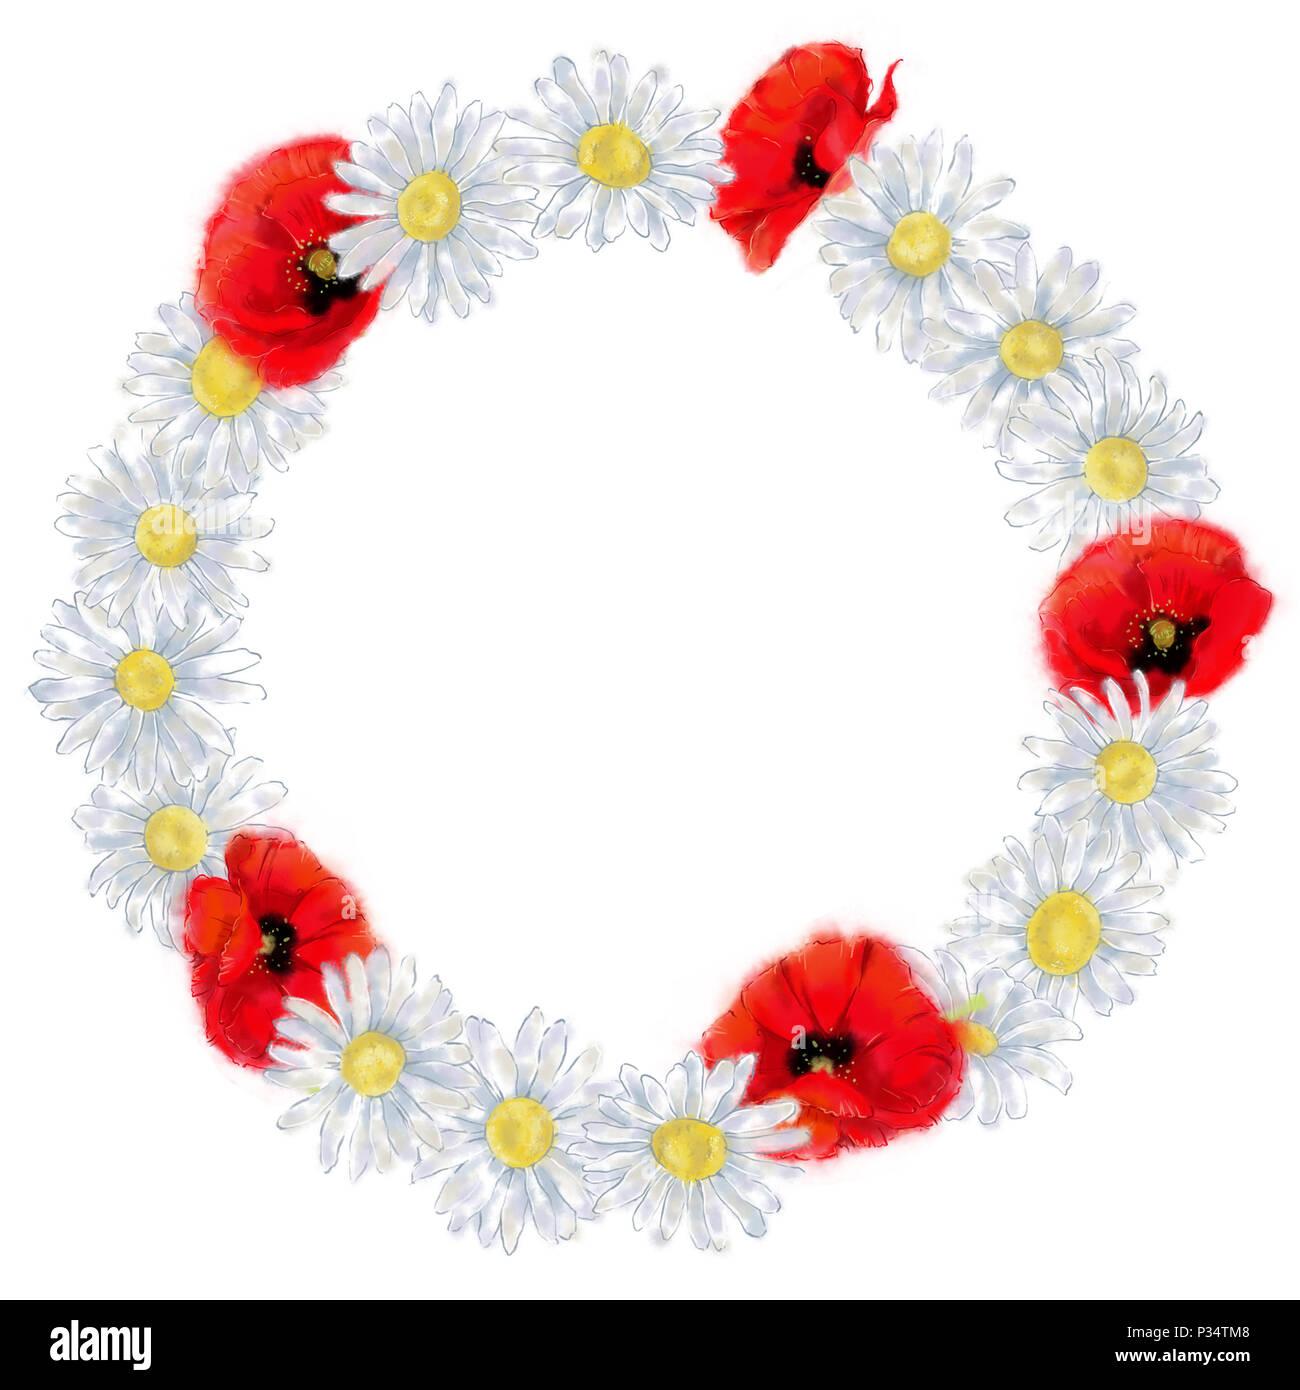 couronne de fleurs fond blanc